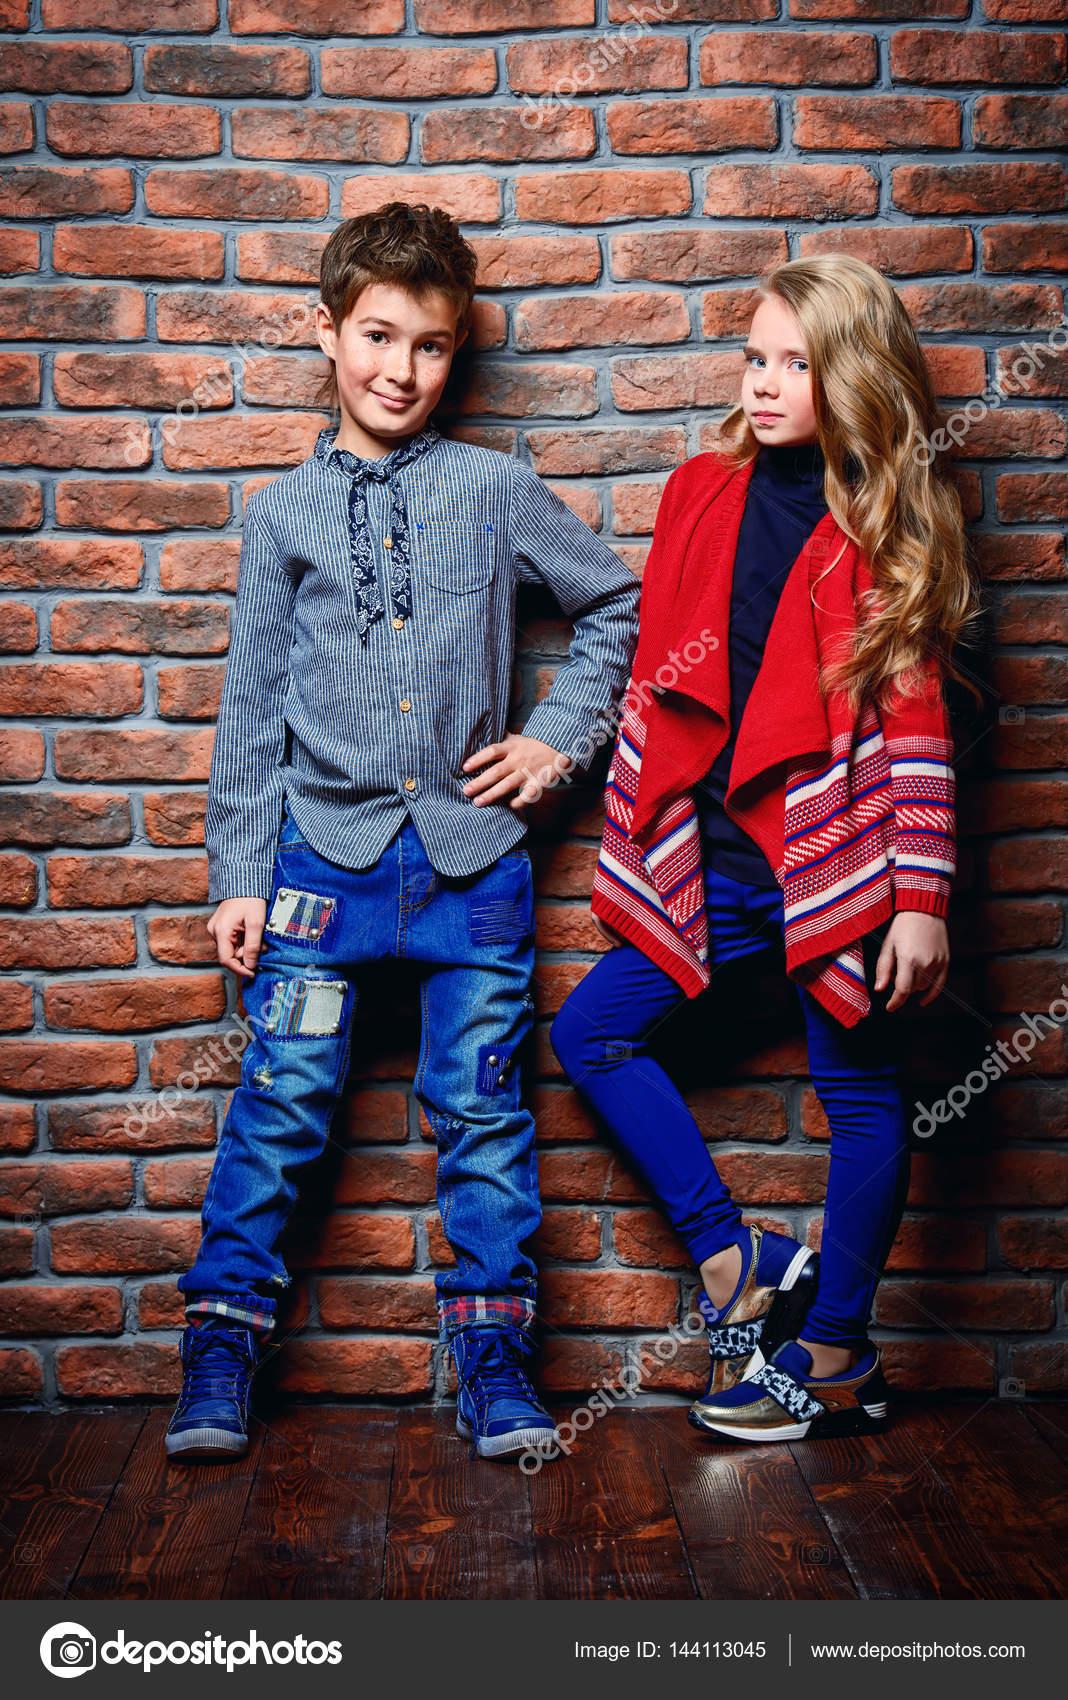 25c79a49b Moda infantil. Moderno niño de nueve años y una niña posando en el estudio  sobre fondo de pared de ladrillo. Ropa para niños - imágenes: niños con ropa  de ...